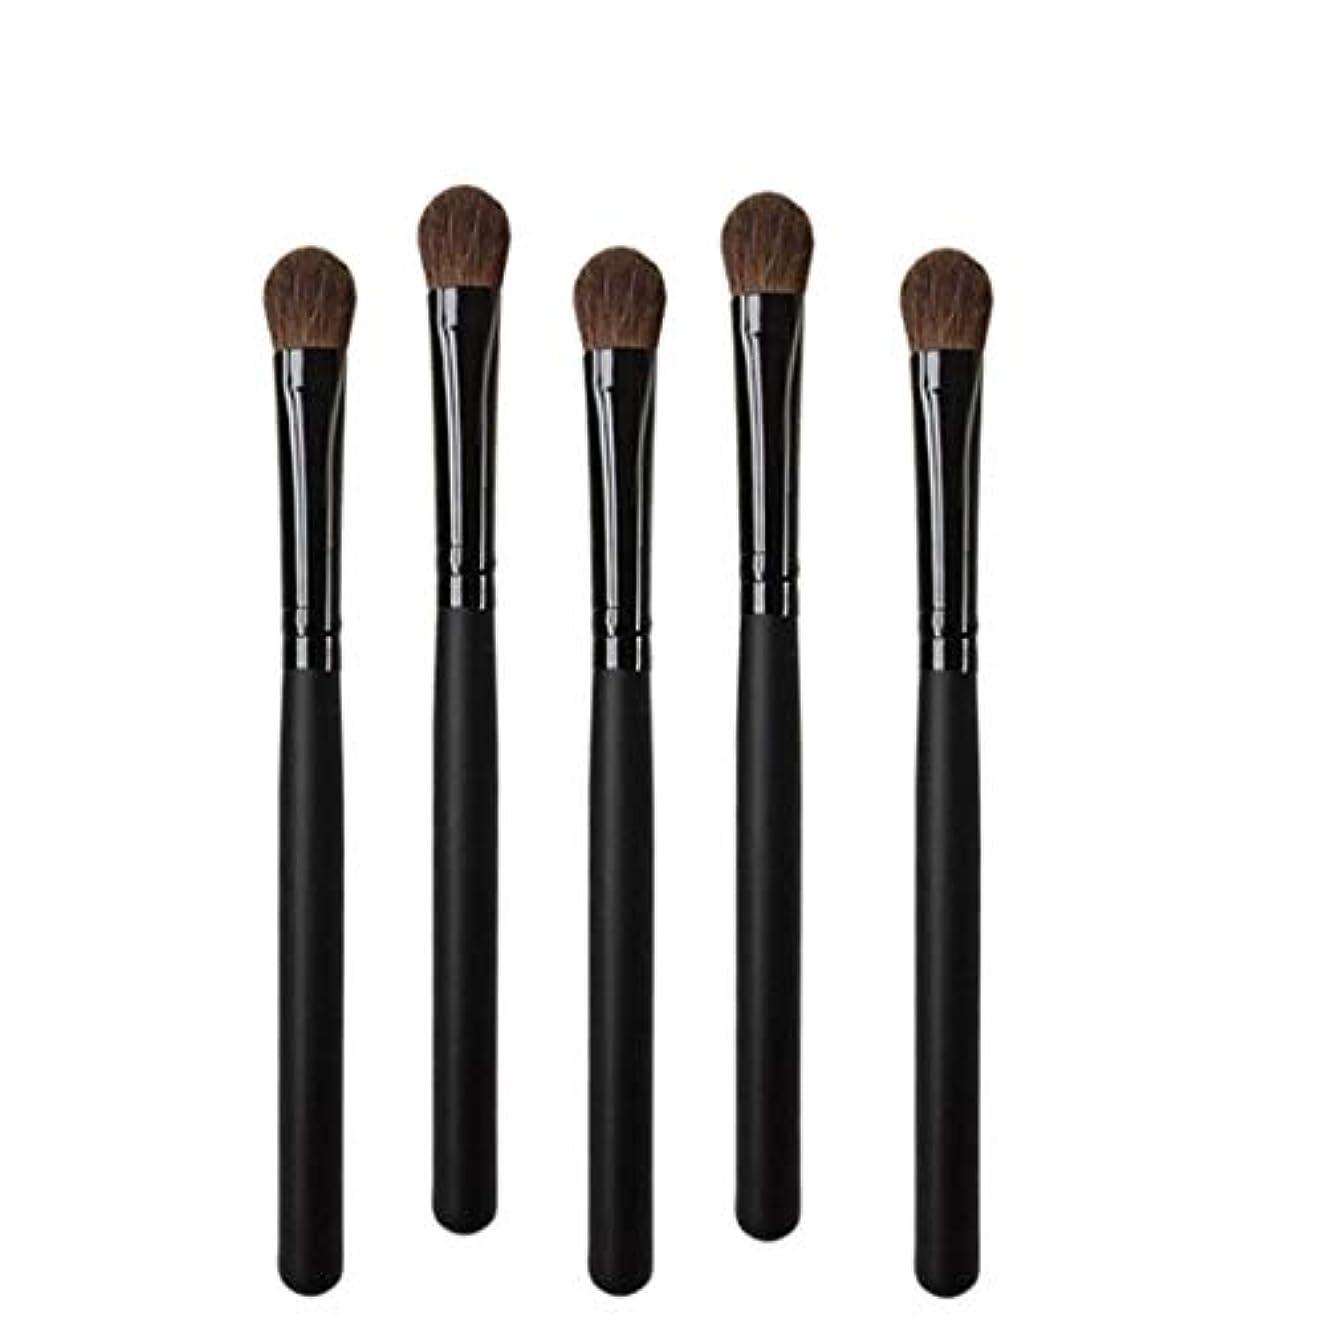 近代化する愛されし者馬鹿Makeup brushes 5ステーブヘッド、木製ハンドル、持ち運びに便利な、プロのアイシャドウ化粧道具 suits (Color : Black)